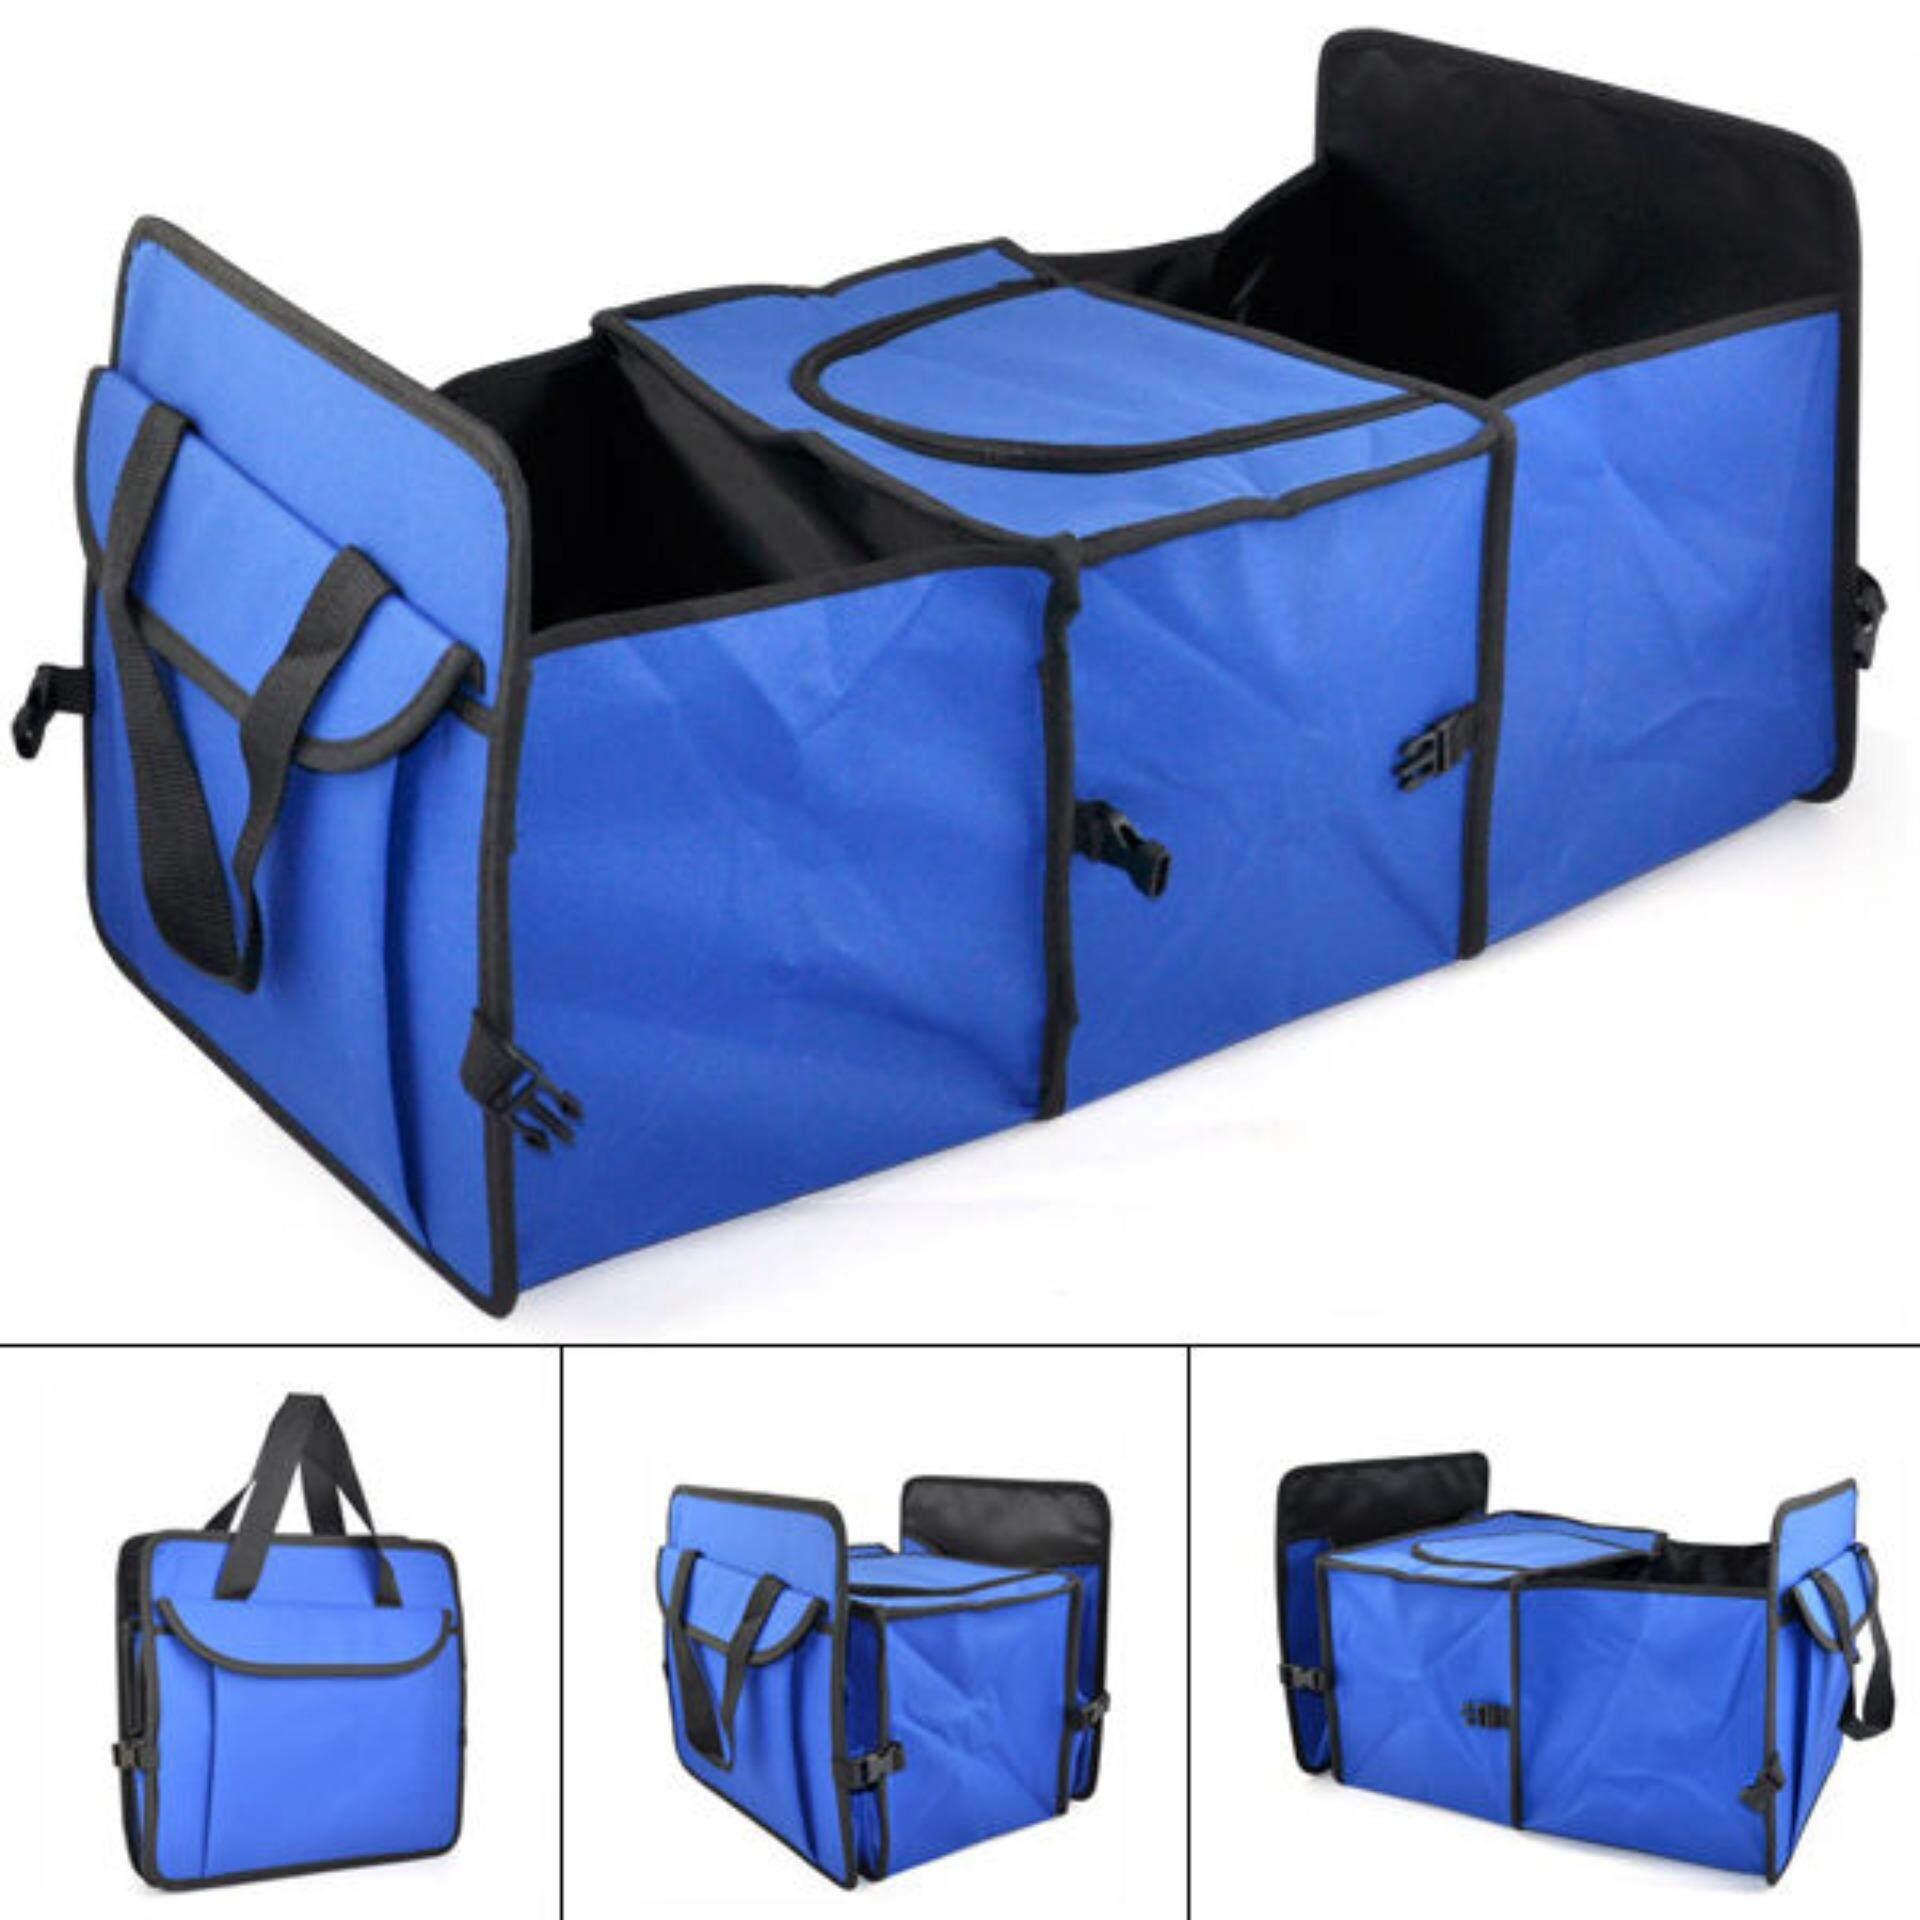 ขาย กล่องใส่ของเอนกประสงค์ ท้ายรถ กระเป๋าร้อน เย็น สีฟ้า